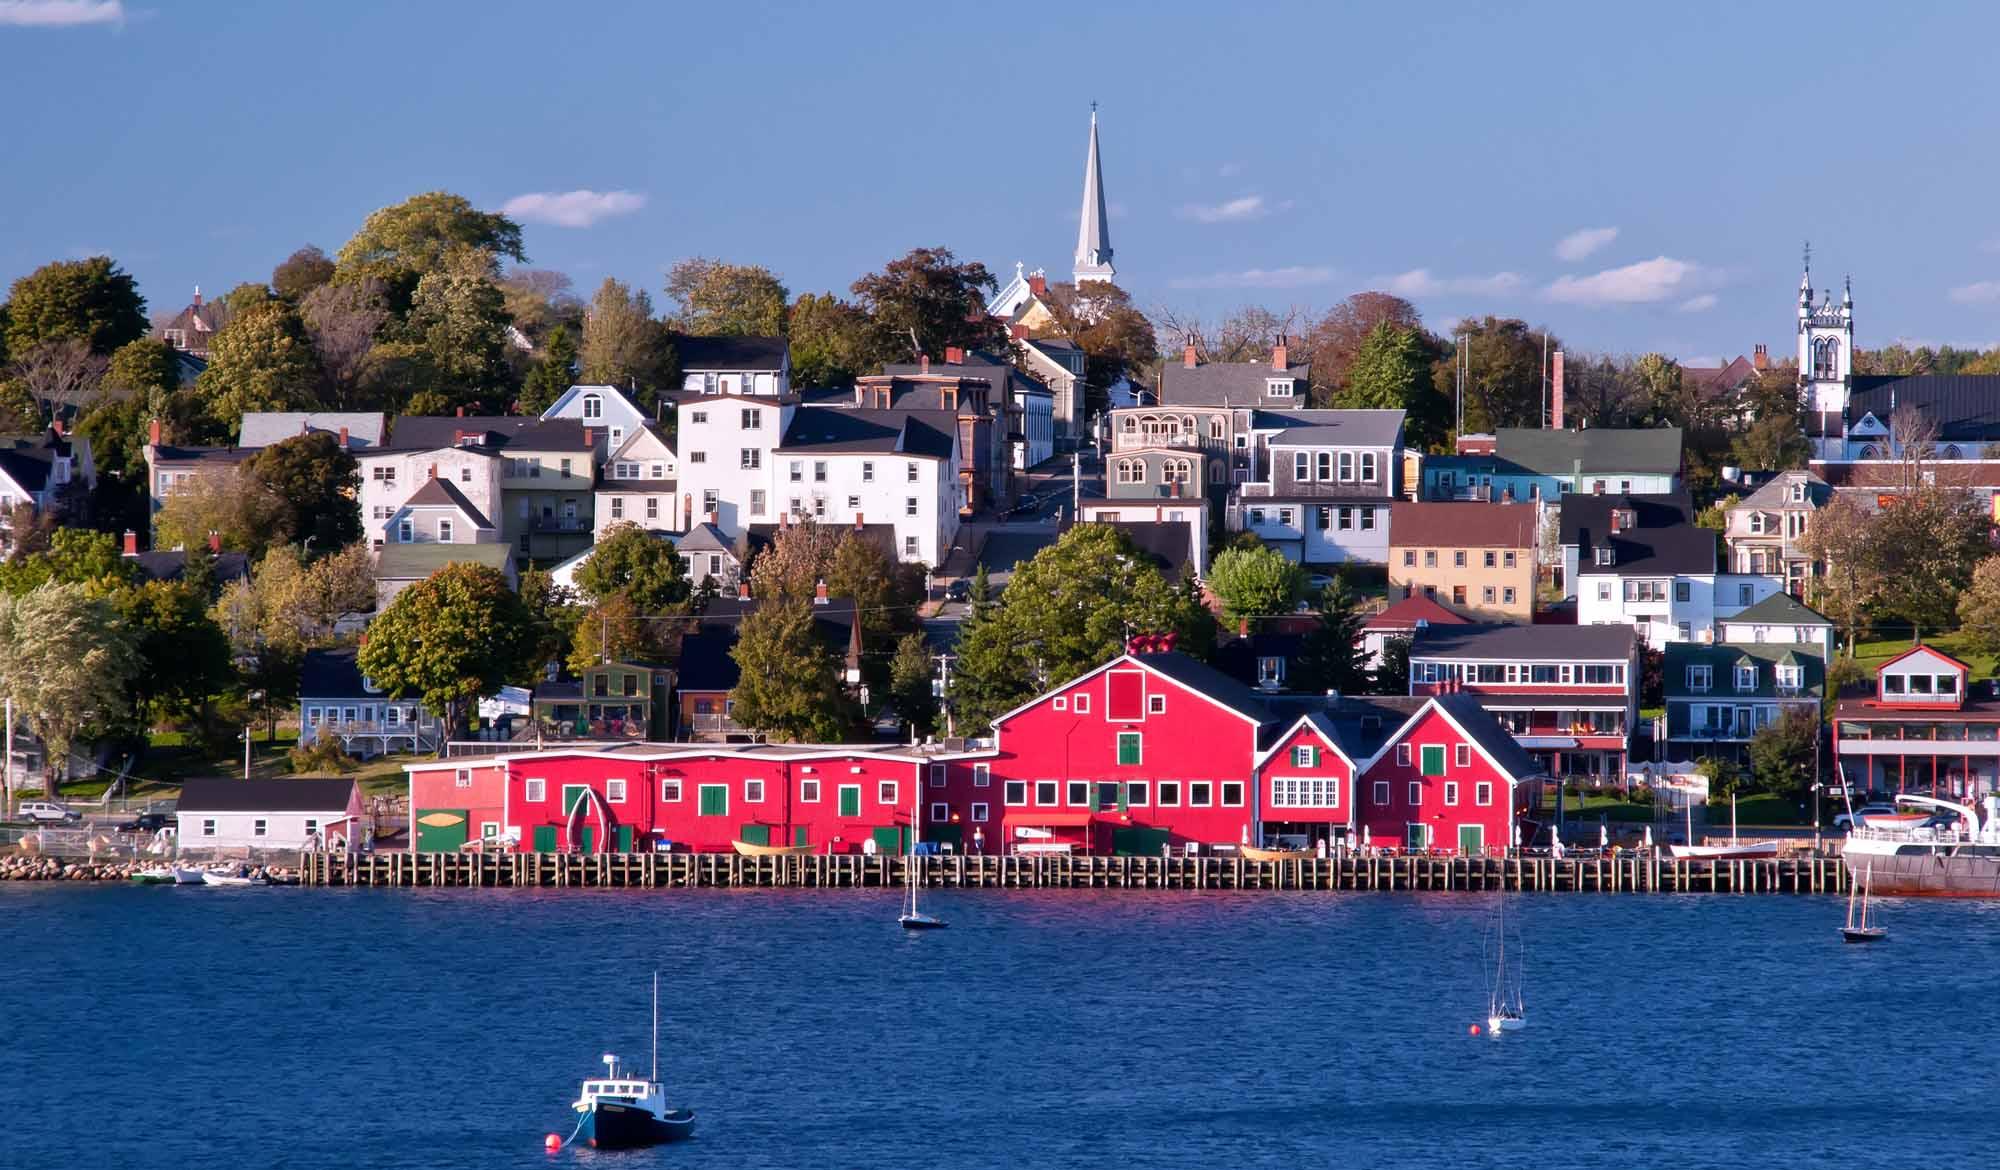 Waterfront, Lunenburg, Nova Scotia, Canada